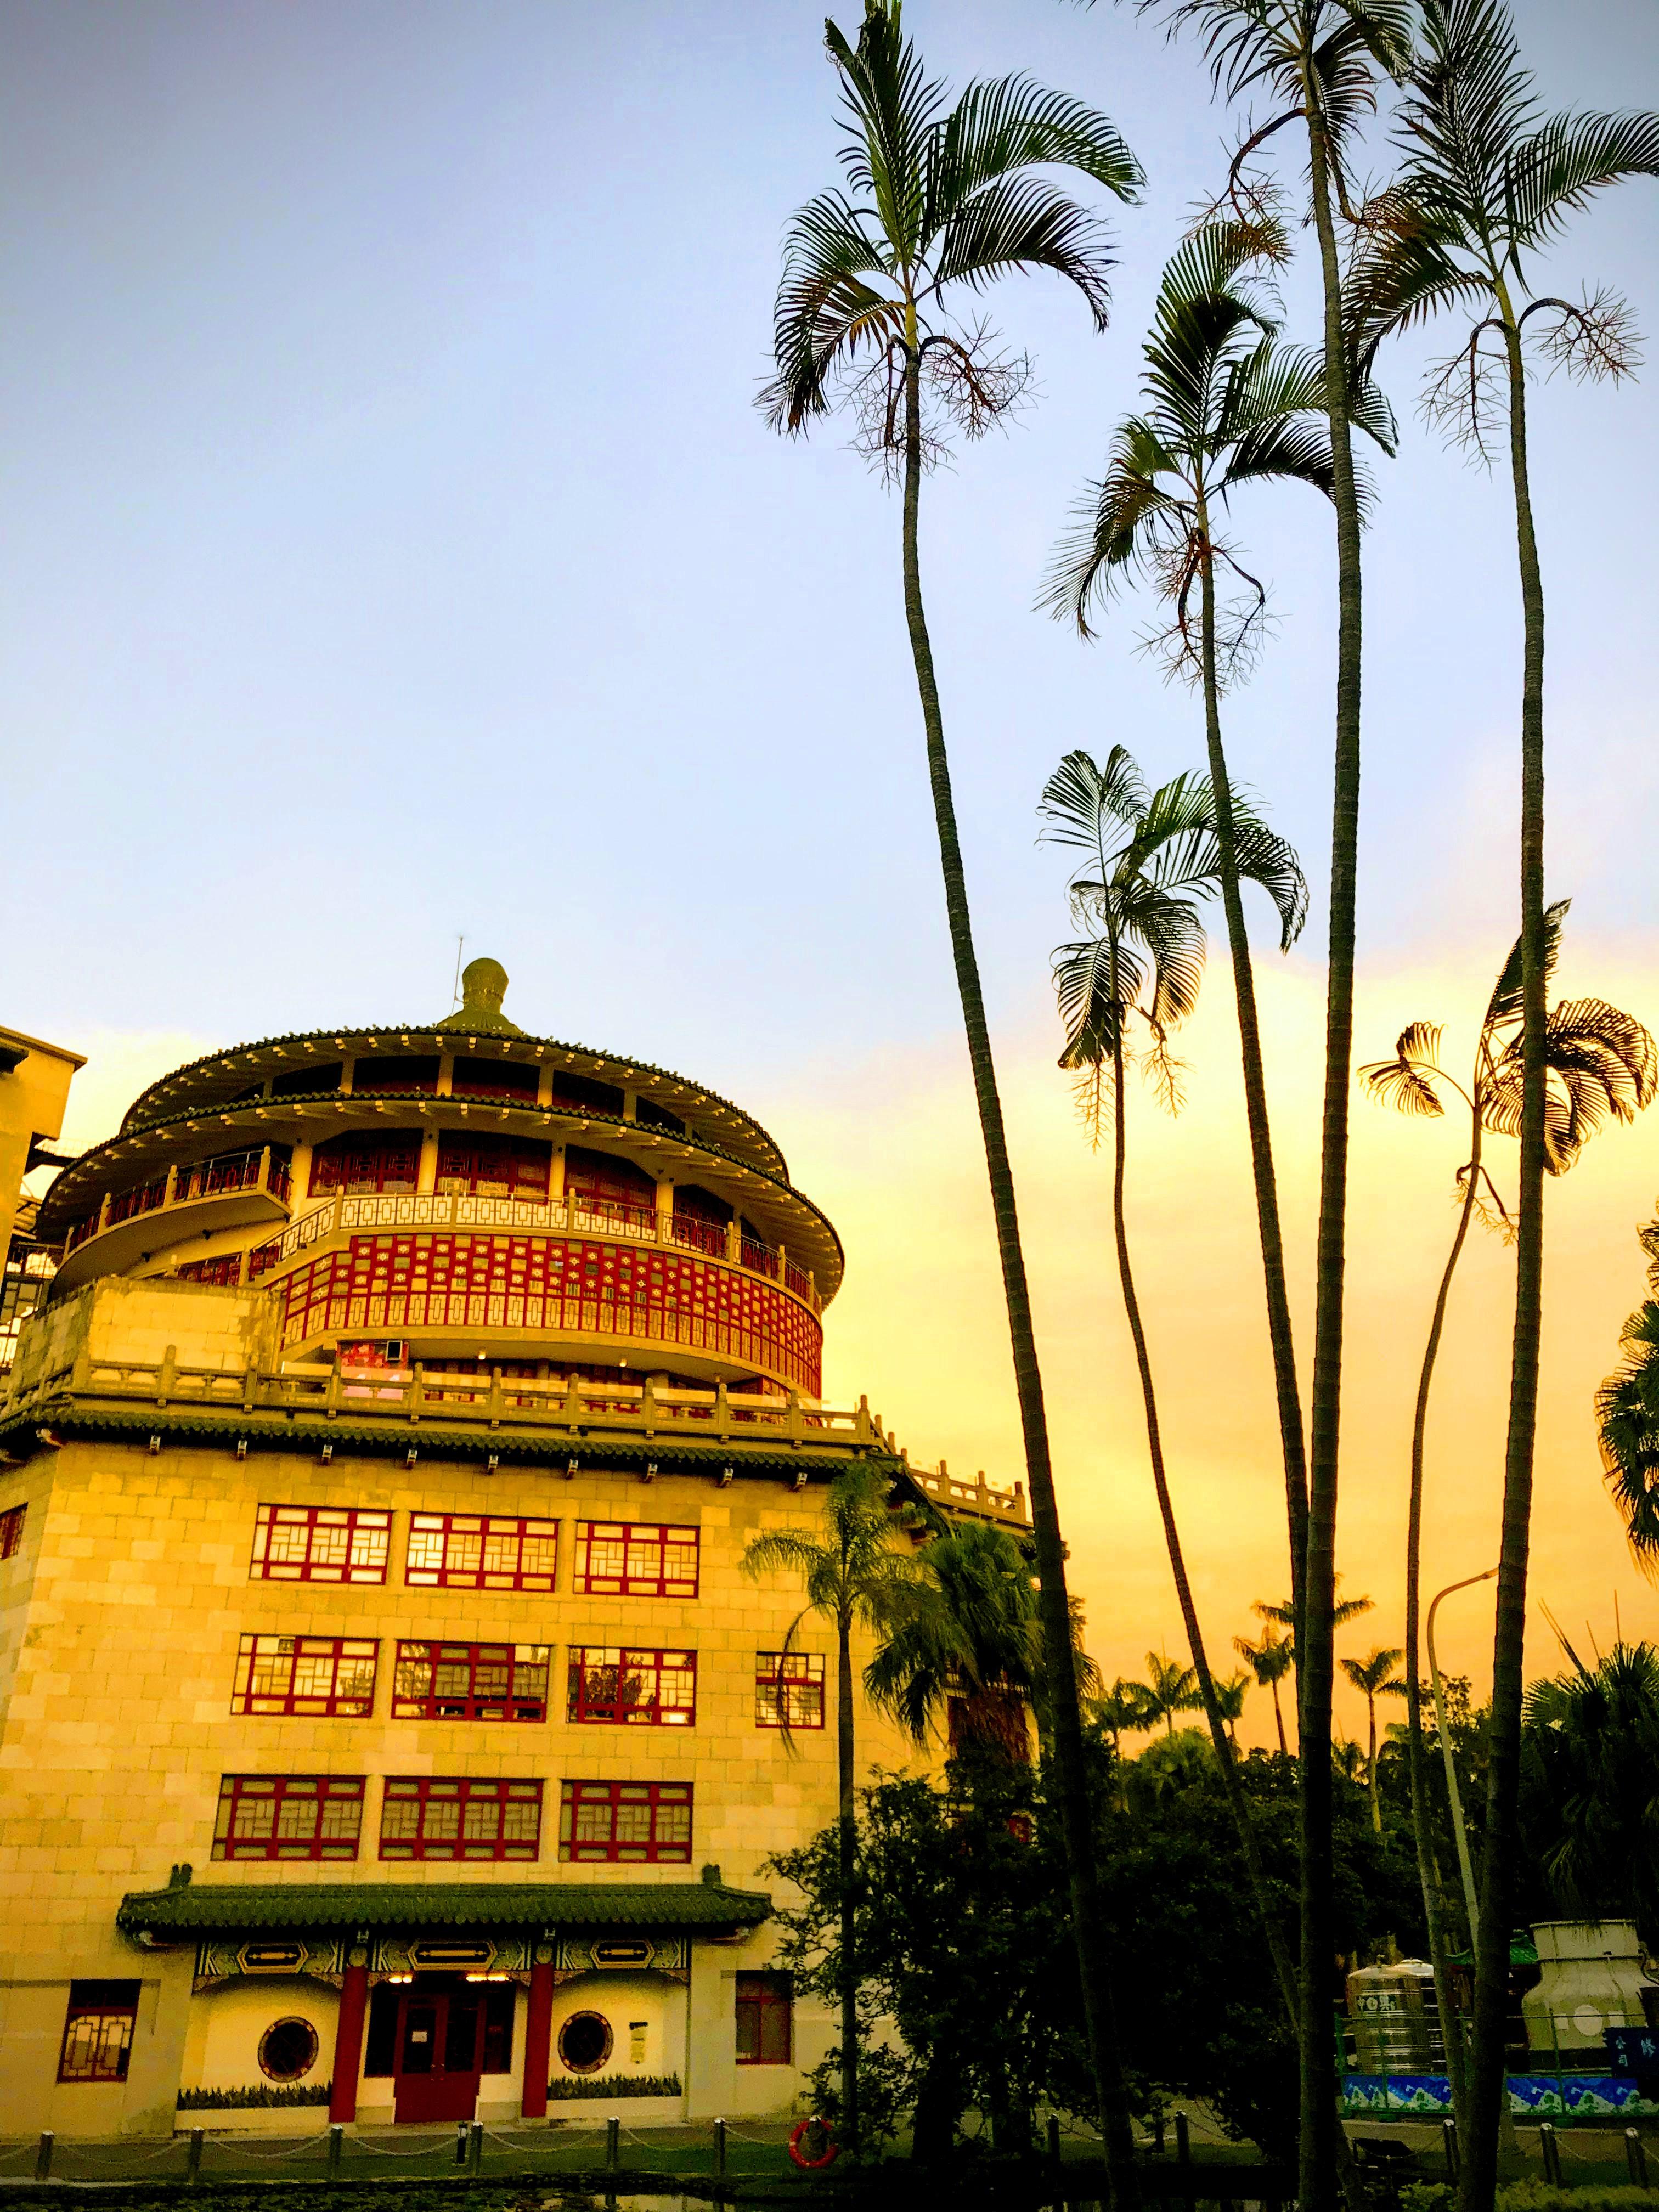 National Taiwan Craft Museum and botanical garden, Taipei